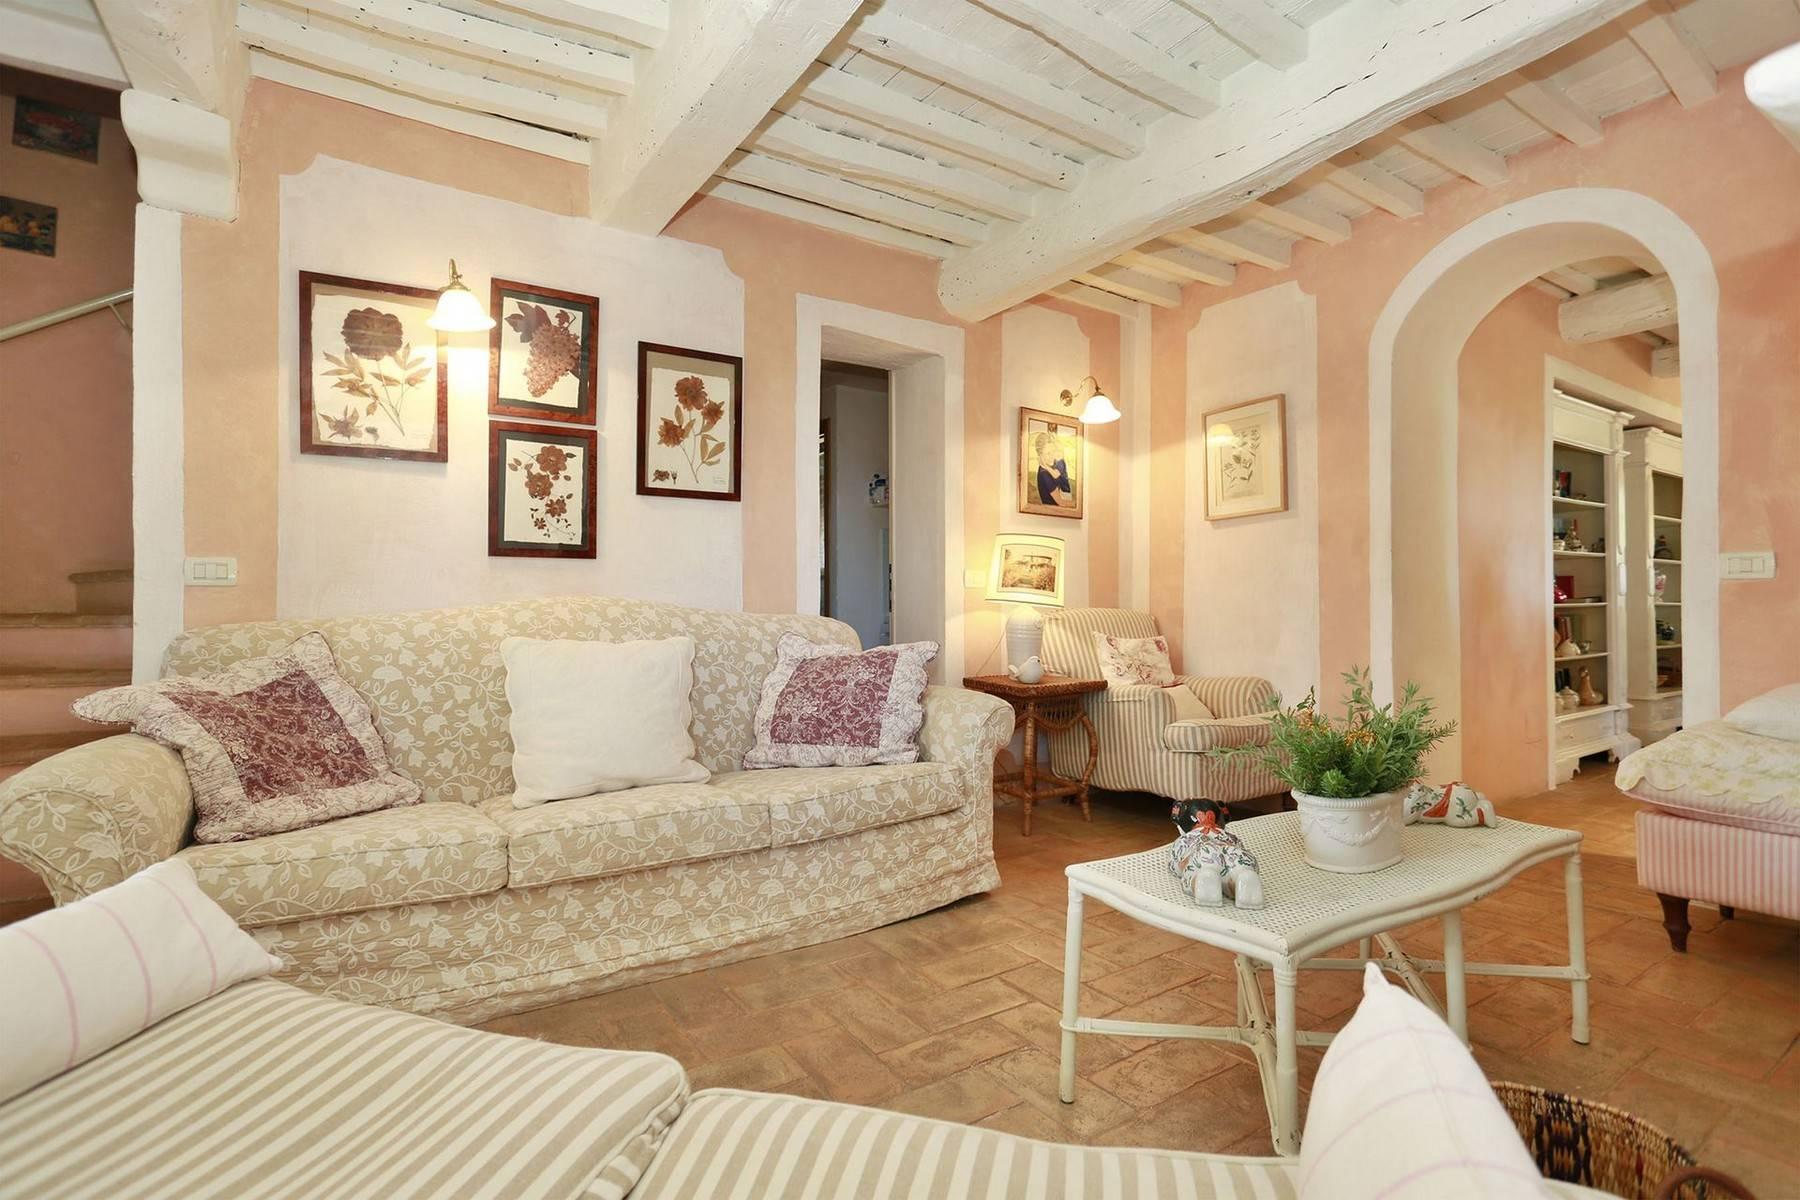 Rustico in Vendita a Manciano: 5 locali, 180 mq - Foto 18